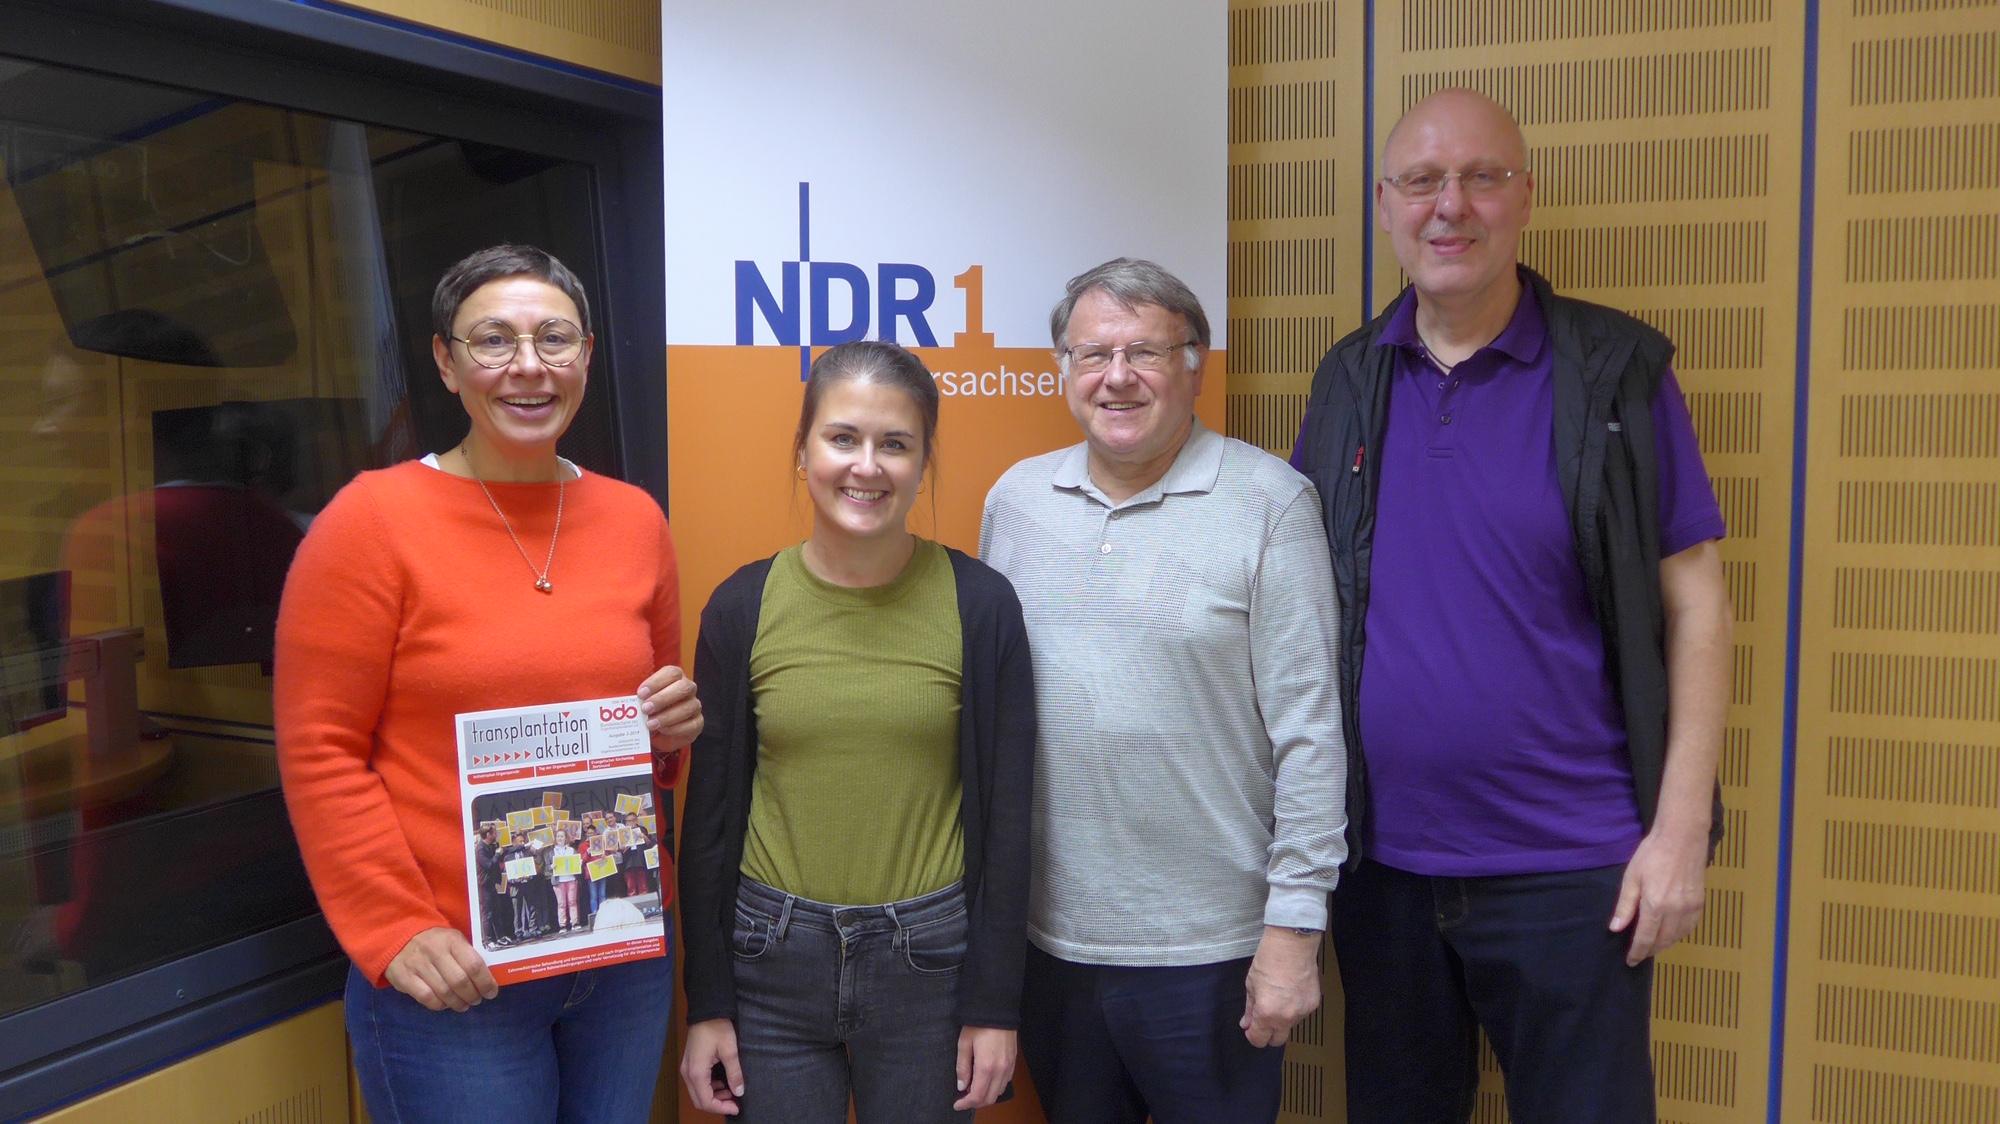 Die Regionalgruppe Niedersachsen war zu Gast beim Radiosender NDR1 in der Sendung Plattenkiste